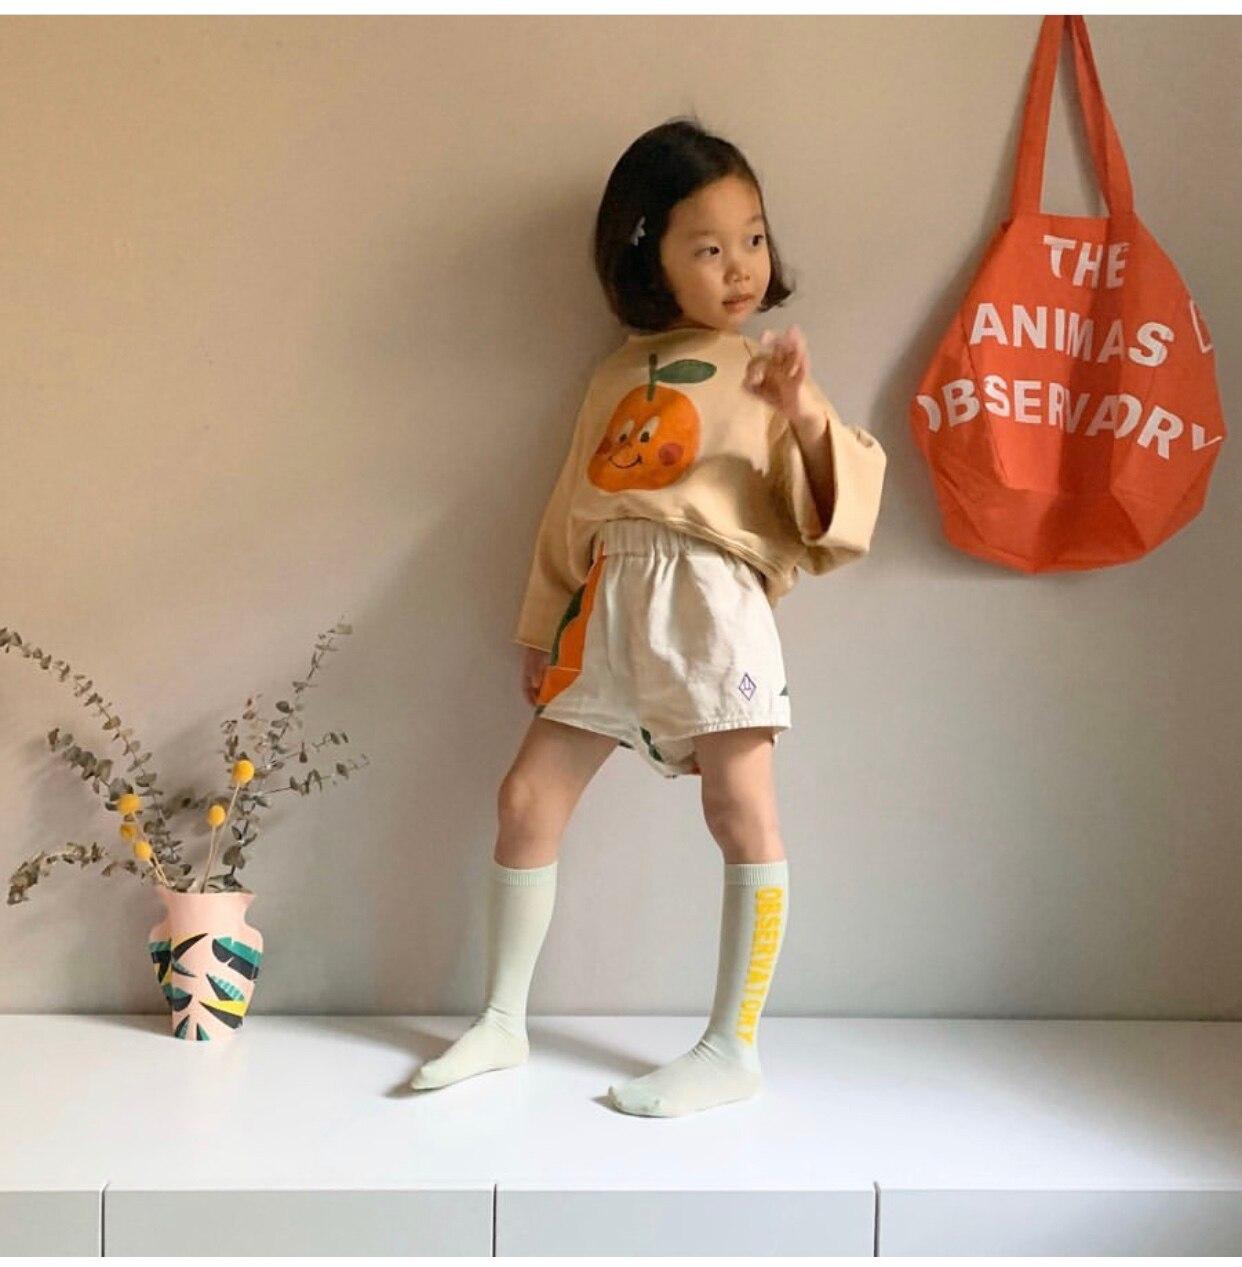 Kids Tube Socks Spring Autumn 2021 New TAO Brand Toddler Girls Fashion Spain Design Infant Baby Knee High Socks Girls Boy Socks 2